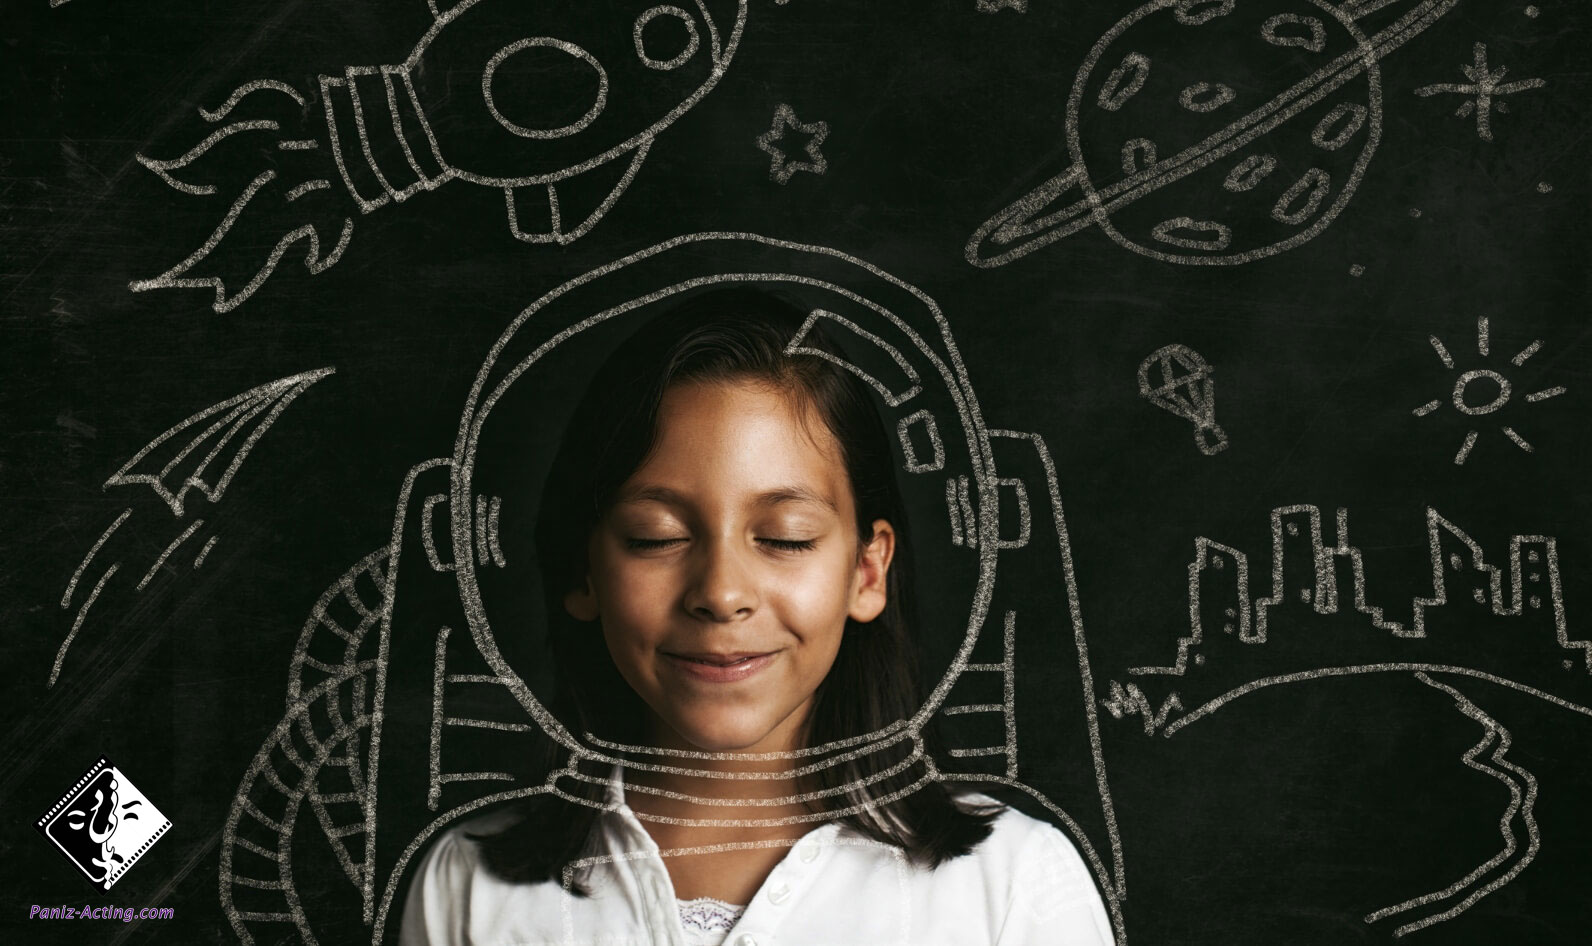 کلاس اعتماد به نفس کودک در تهران